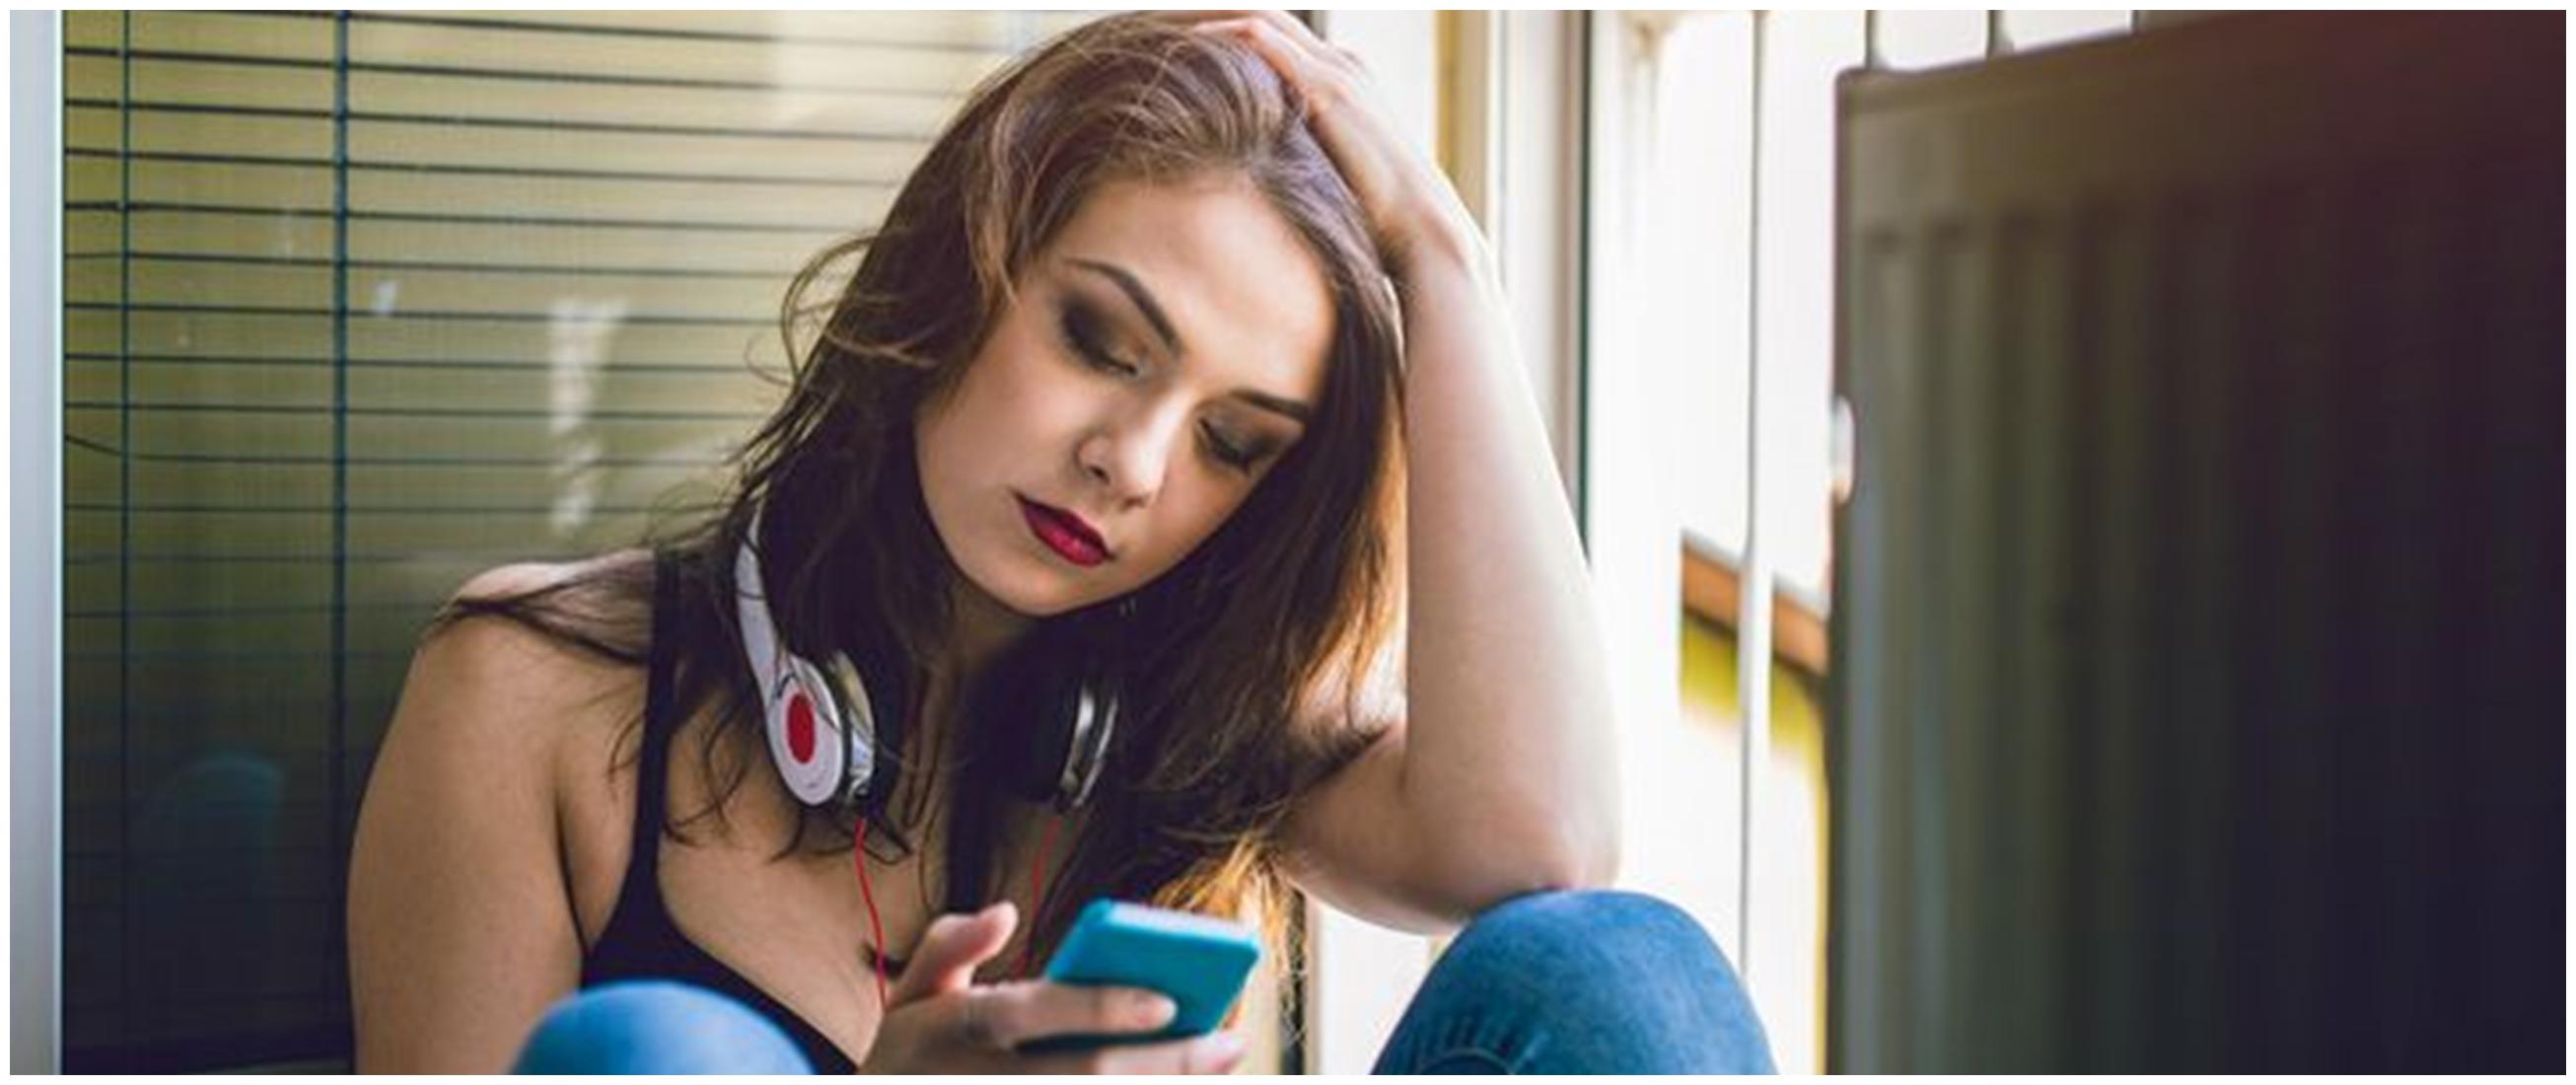 Cara mengetahui keberadaan pacar lewat WhatsApp, anti dibohongi